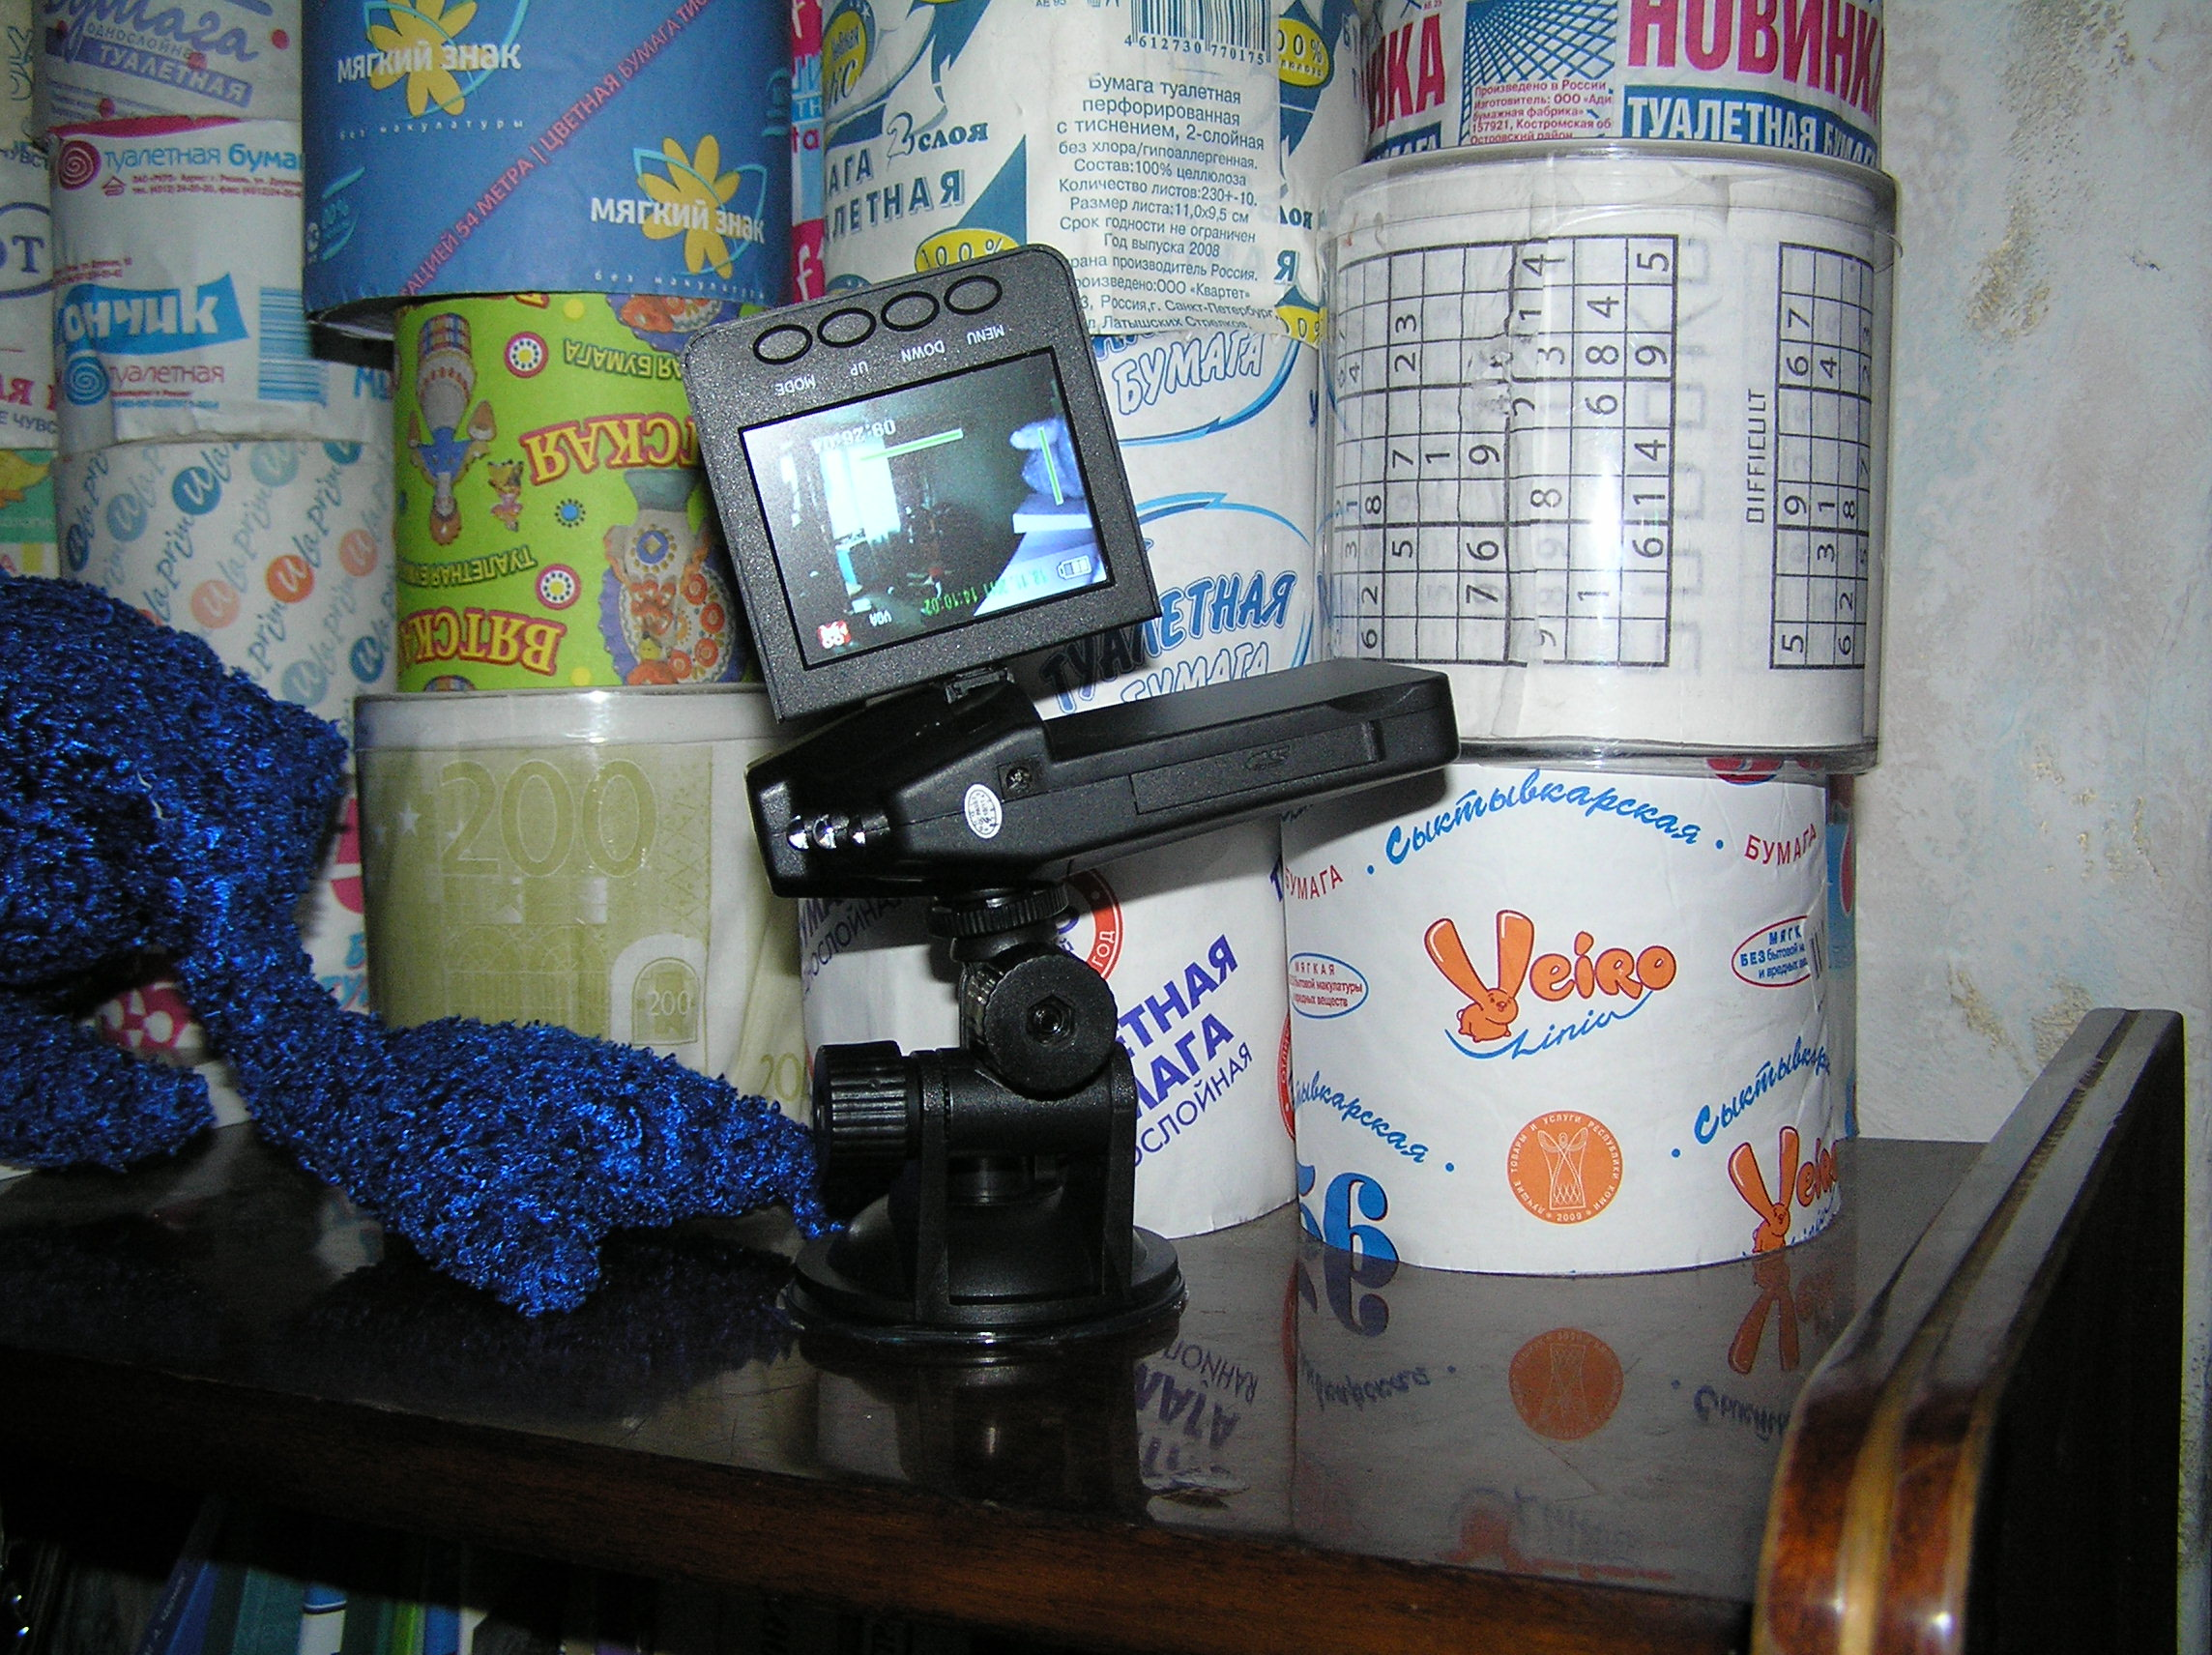 Автомобильный видеорегистратор в действии на фоне коллекции туалетной бумаги